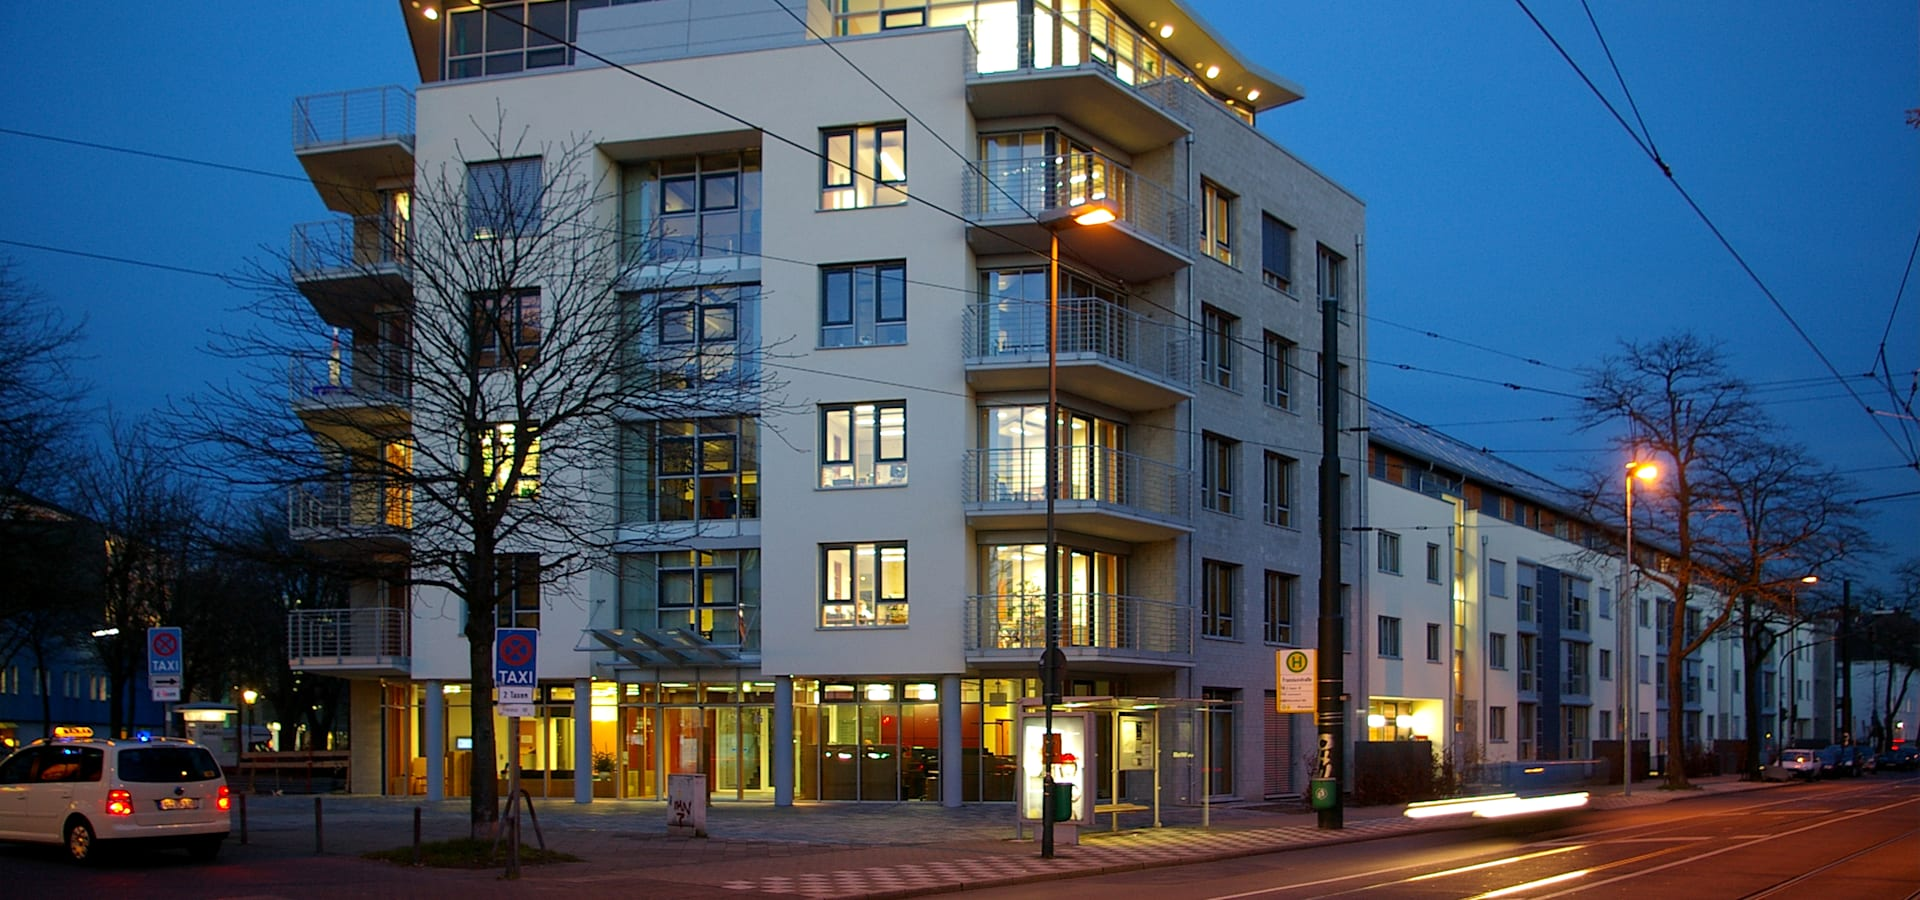 Architektenkammer Düsseldorf hgmb architekten gmbh architekten in düsseldorf homify